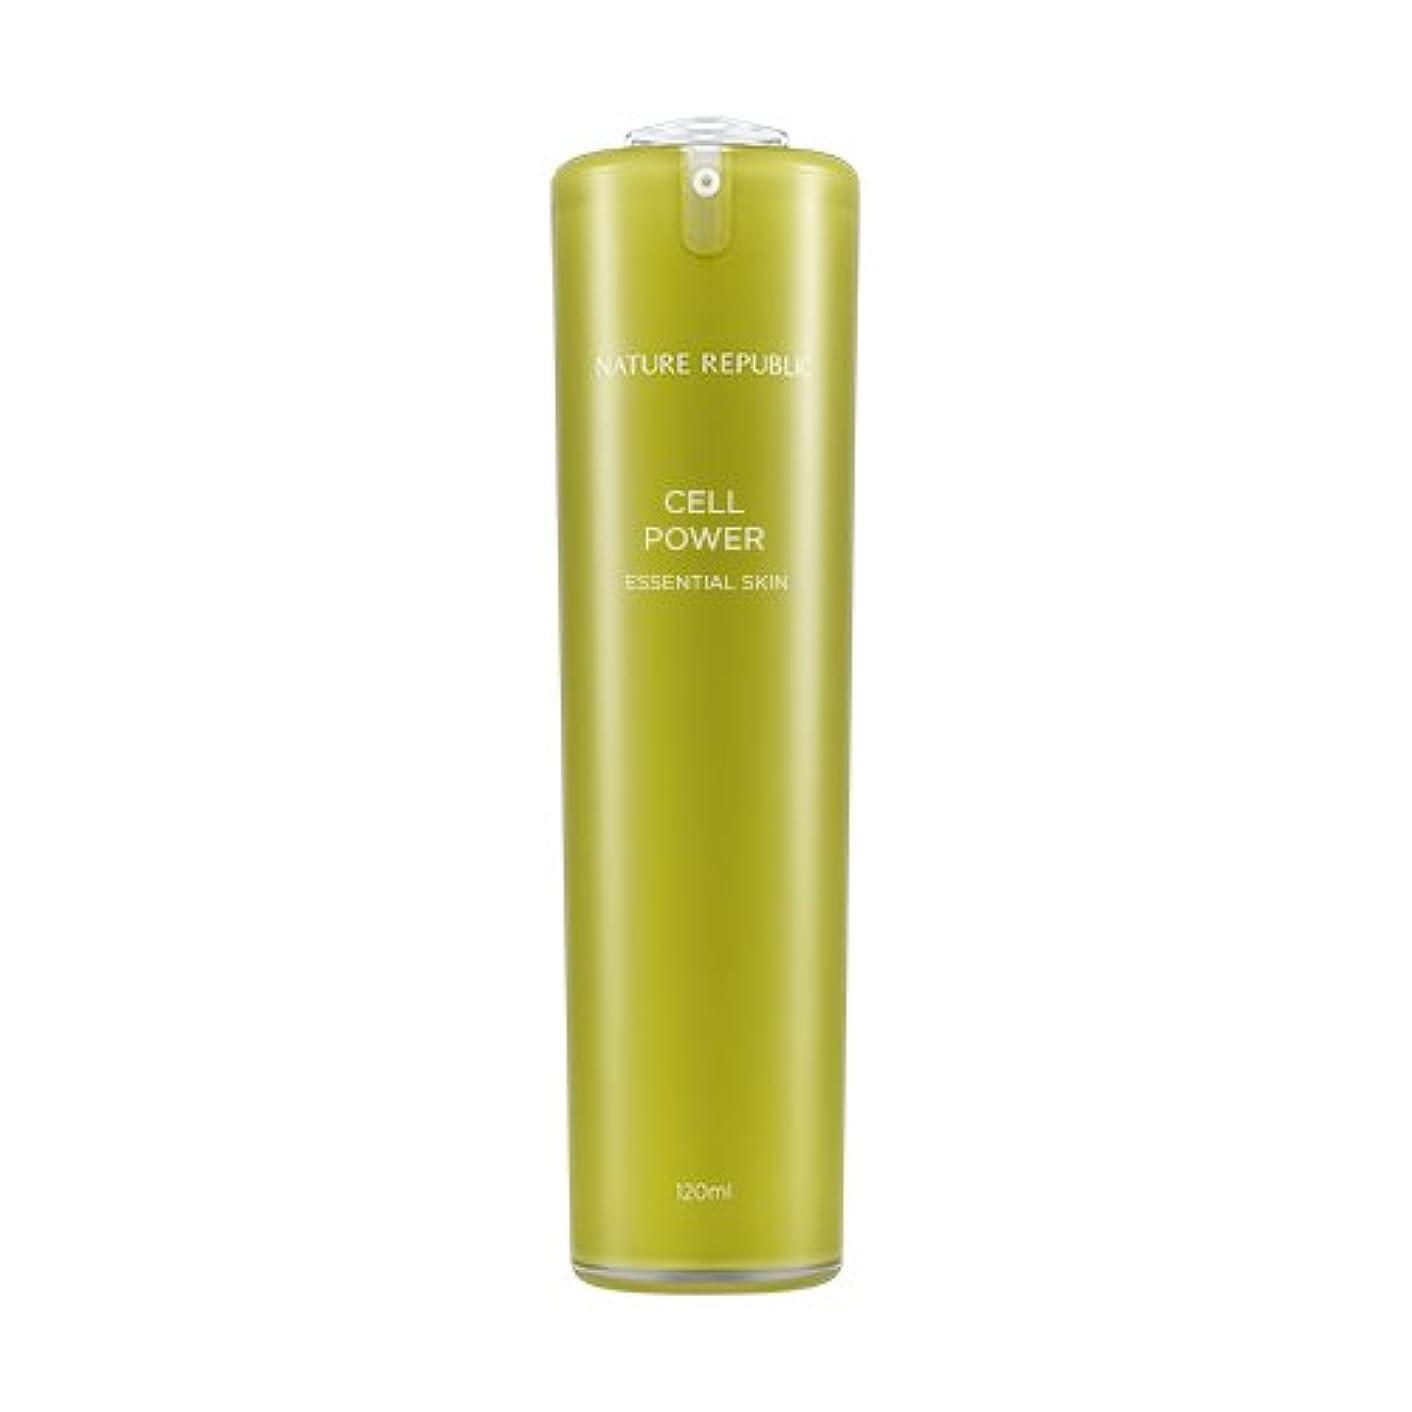 書く船尾インドNATURE REPUBLIC Cell Power Essential Skin / ネイチャーリパブリックセルパワーエッセンシャルスキン 120ml [並行輸入品]